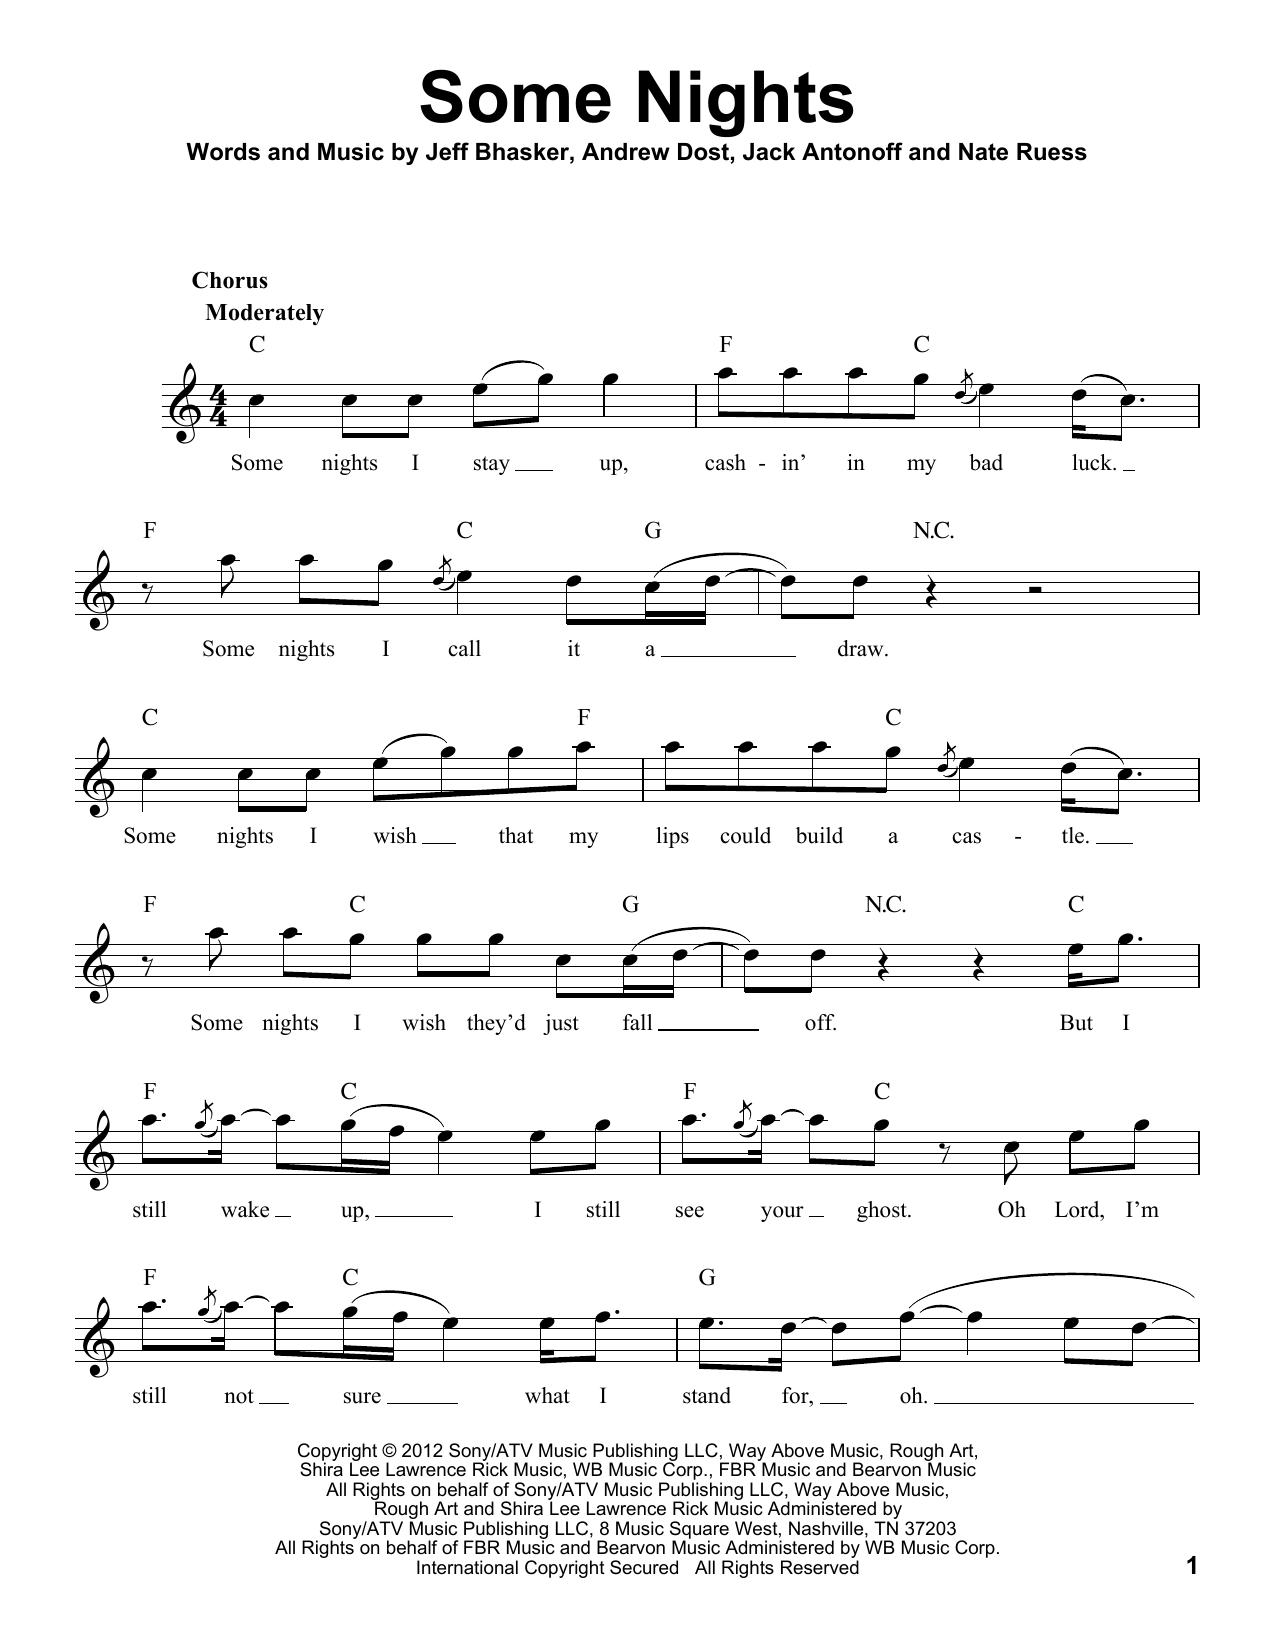 Some Nights Sheet Music